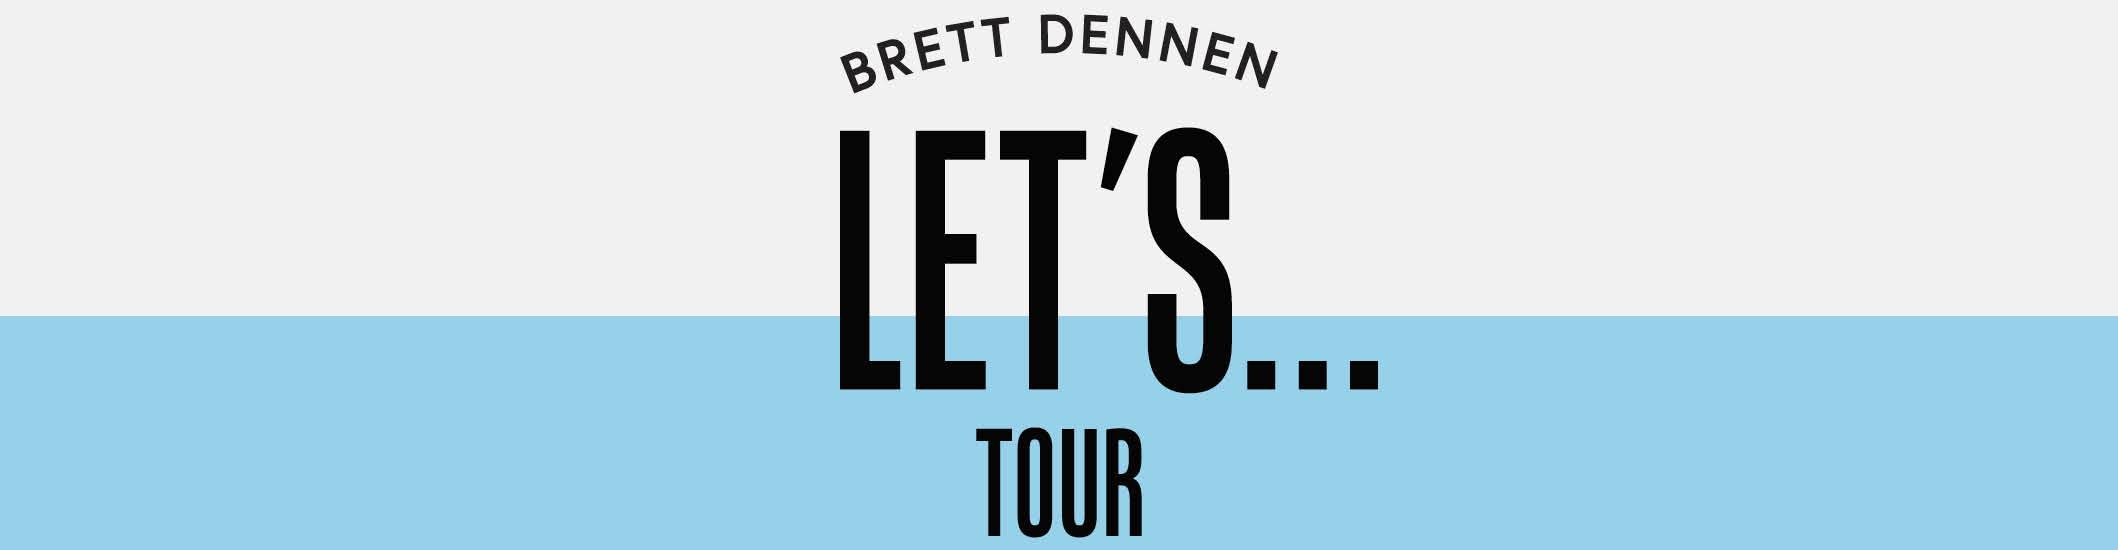 Brett Dennen Lets… Tour 2018